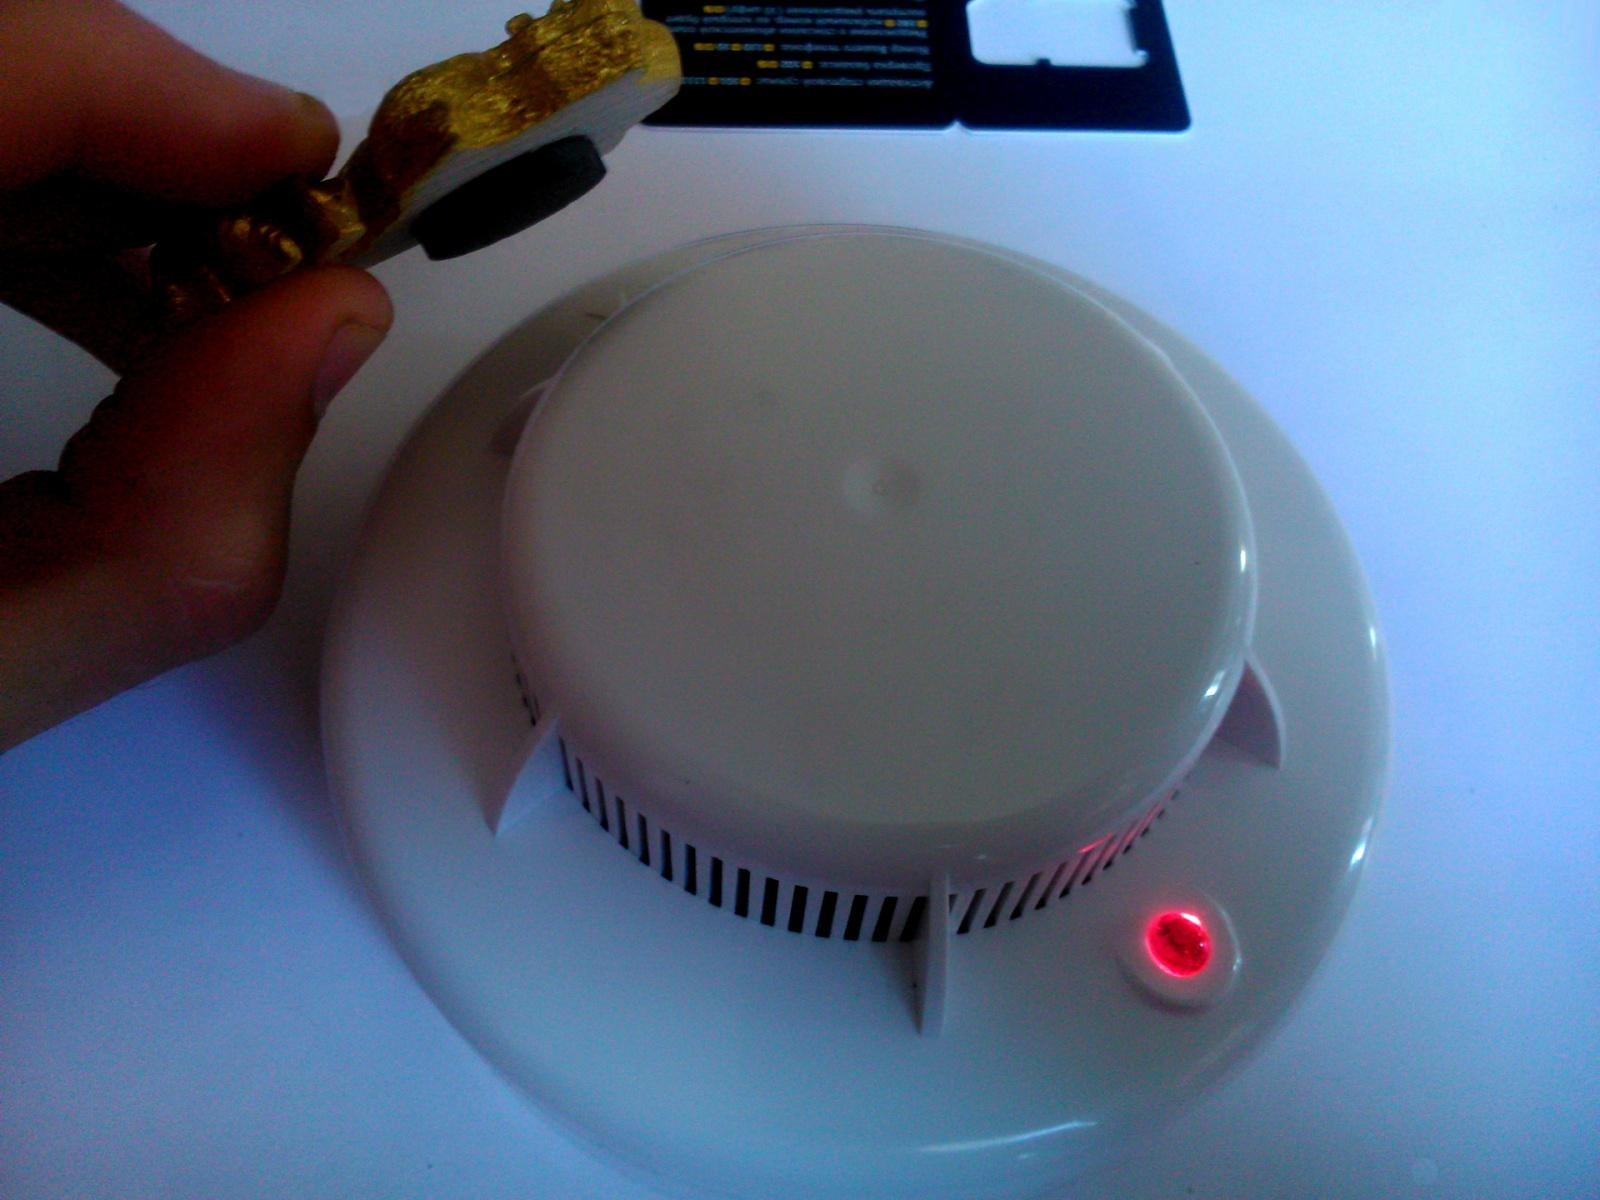 Пожарная сигнализация с GSM: когда звонок на самом деле пугает - 14